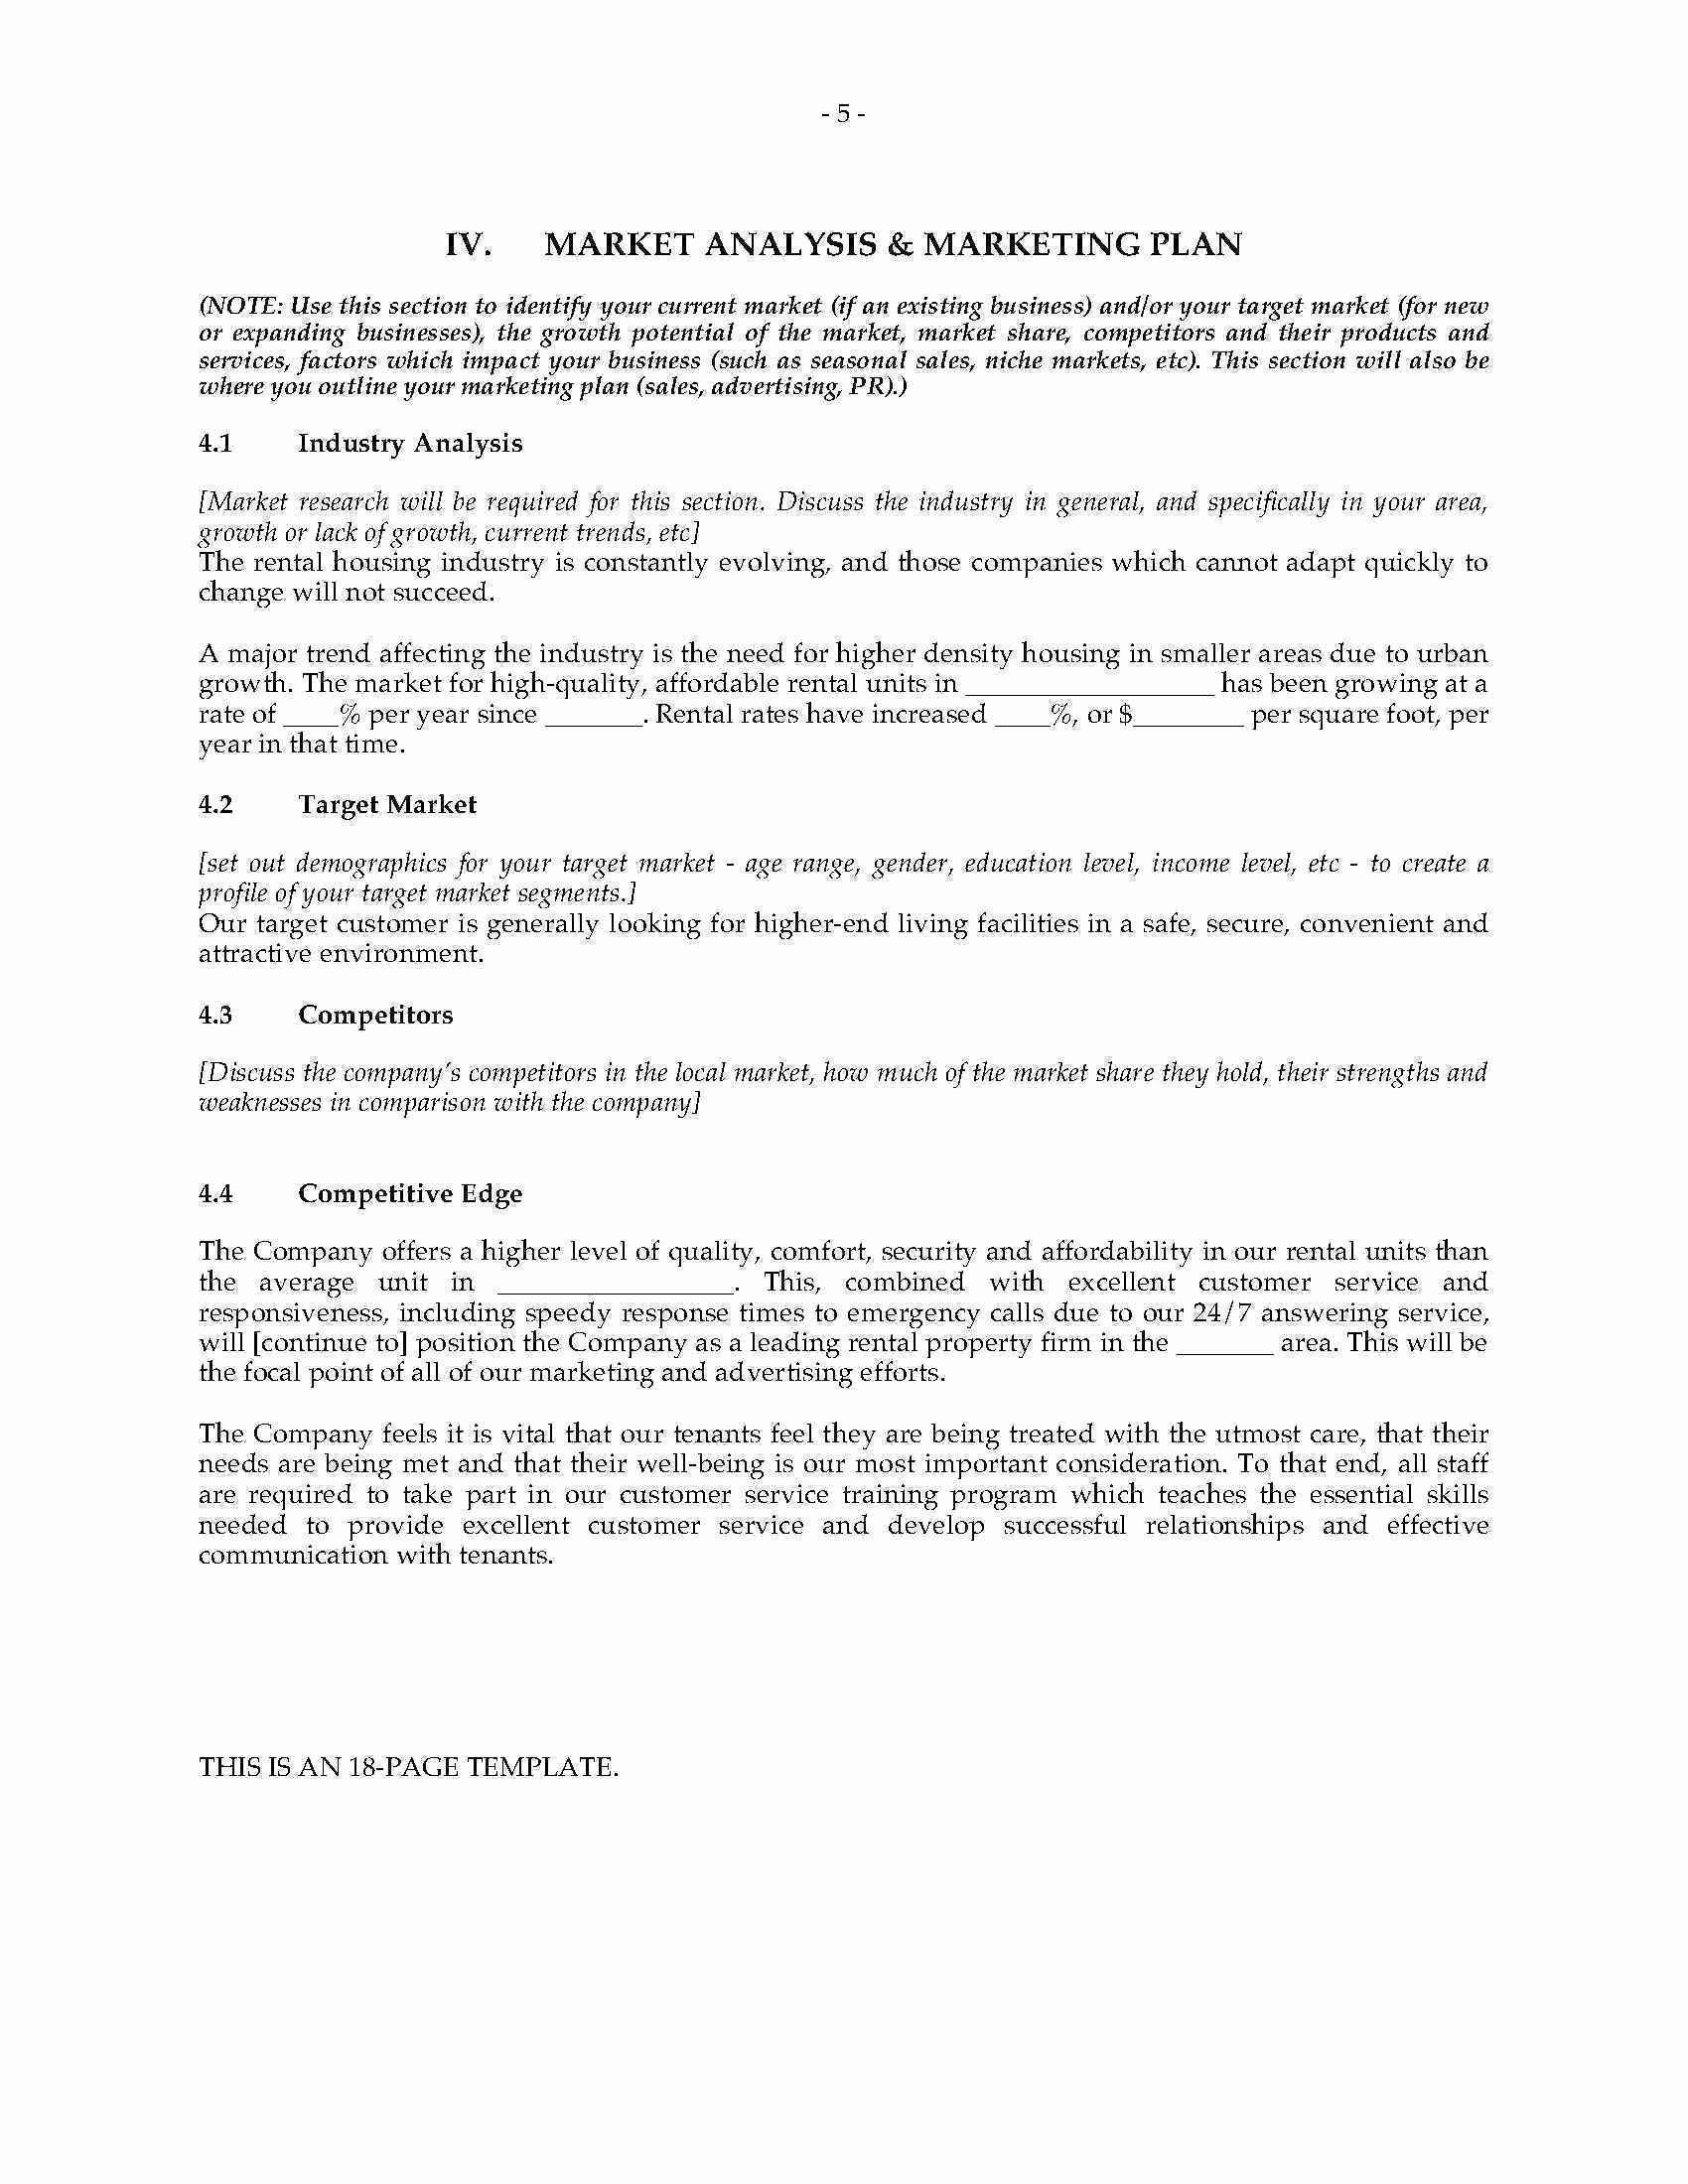 Affirmative Action Plan Template Unique Affirmative Action Plan Template for Small Business